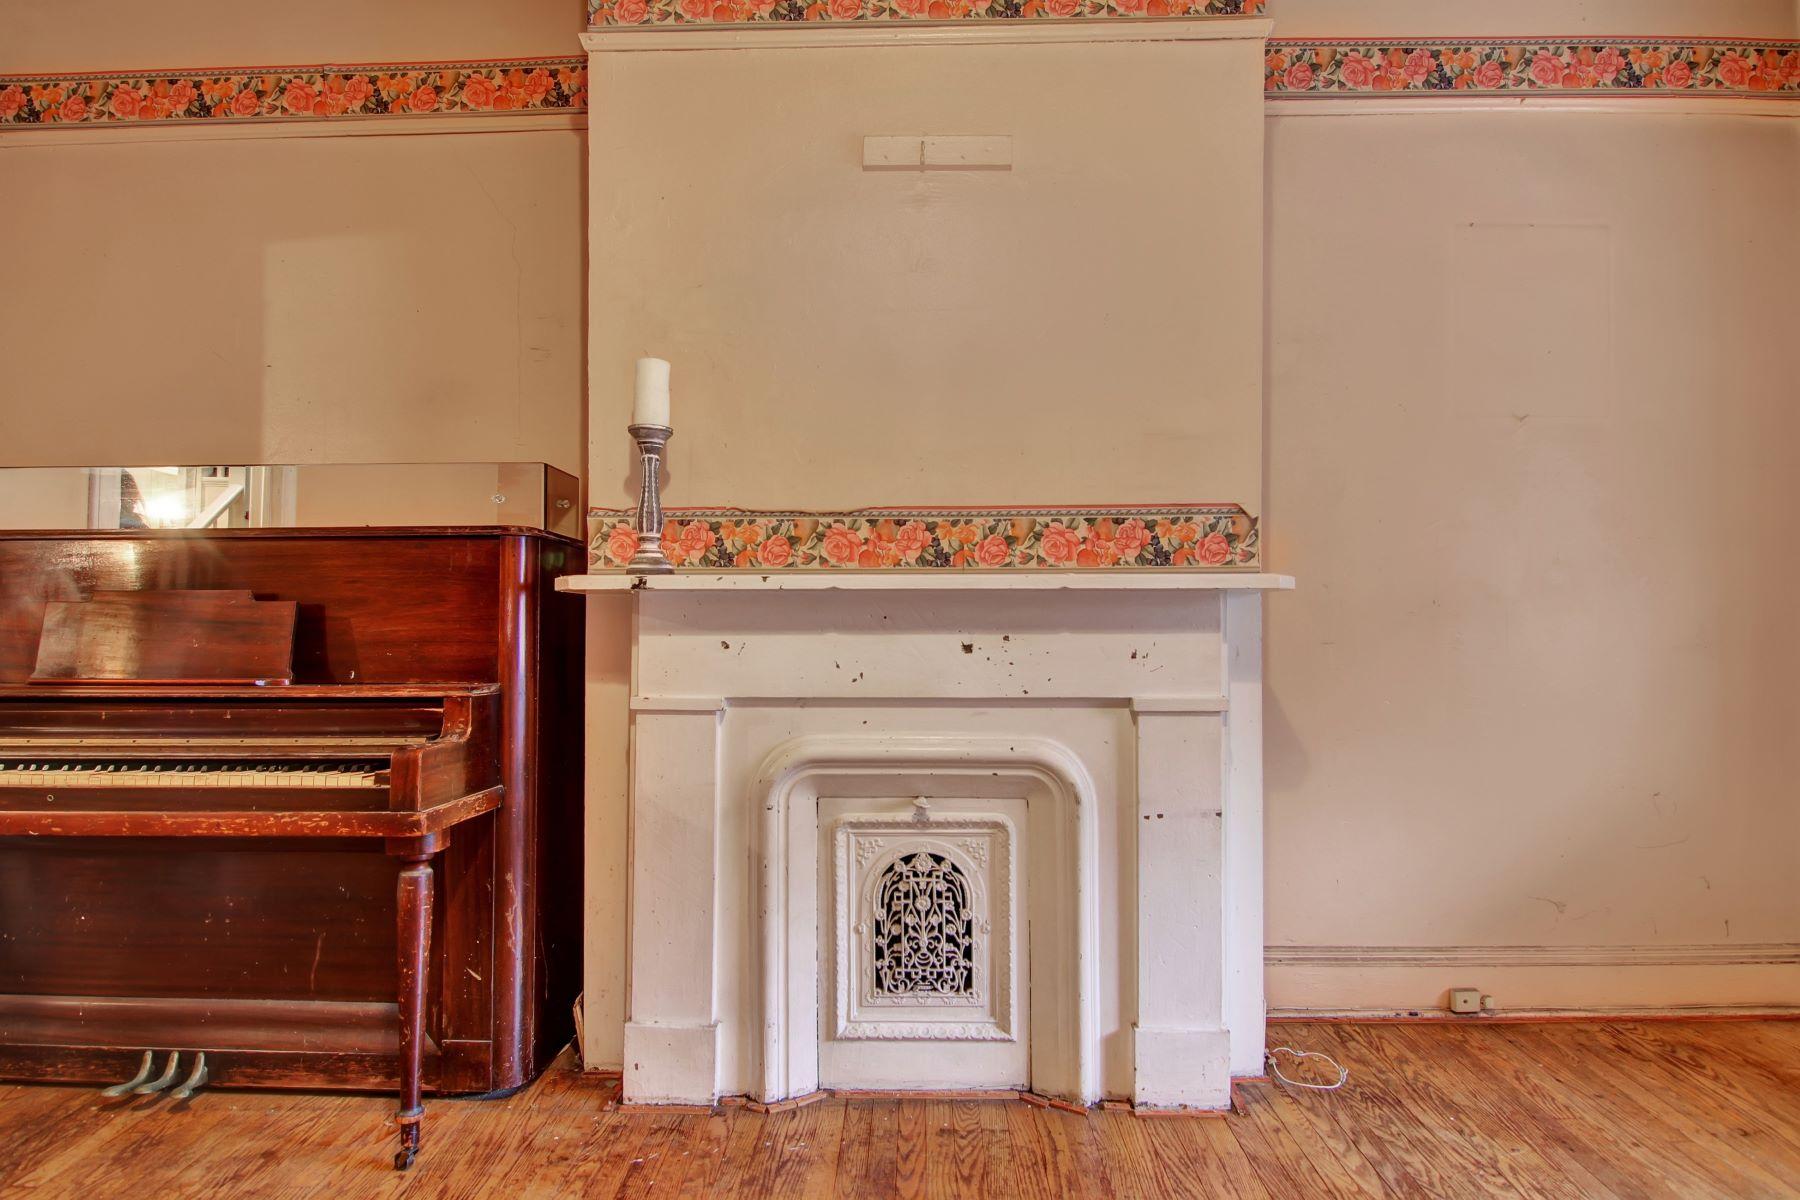 独户住宅 为 销售 在 WITH SOME FRESH PAINT & SOME FLOOR POLISH THIS HOME CAN BE TRANSFORMED 62 Astor Place 泽西城, 新泽西州 07304 美国